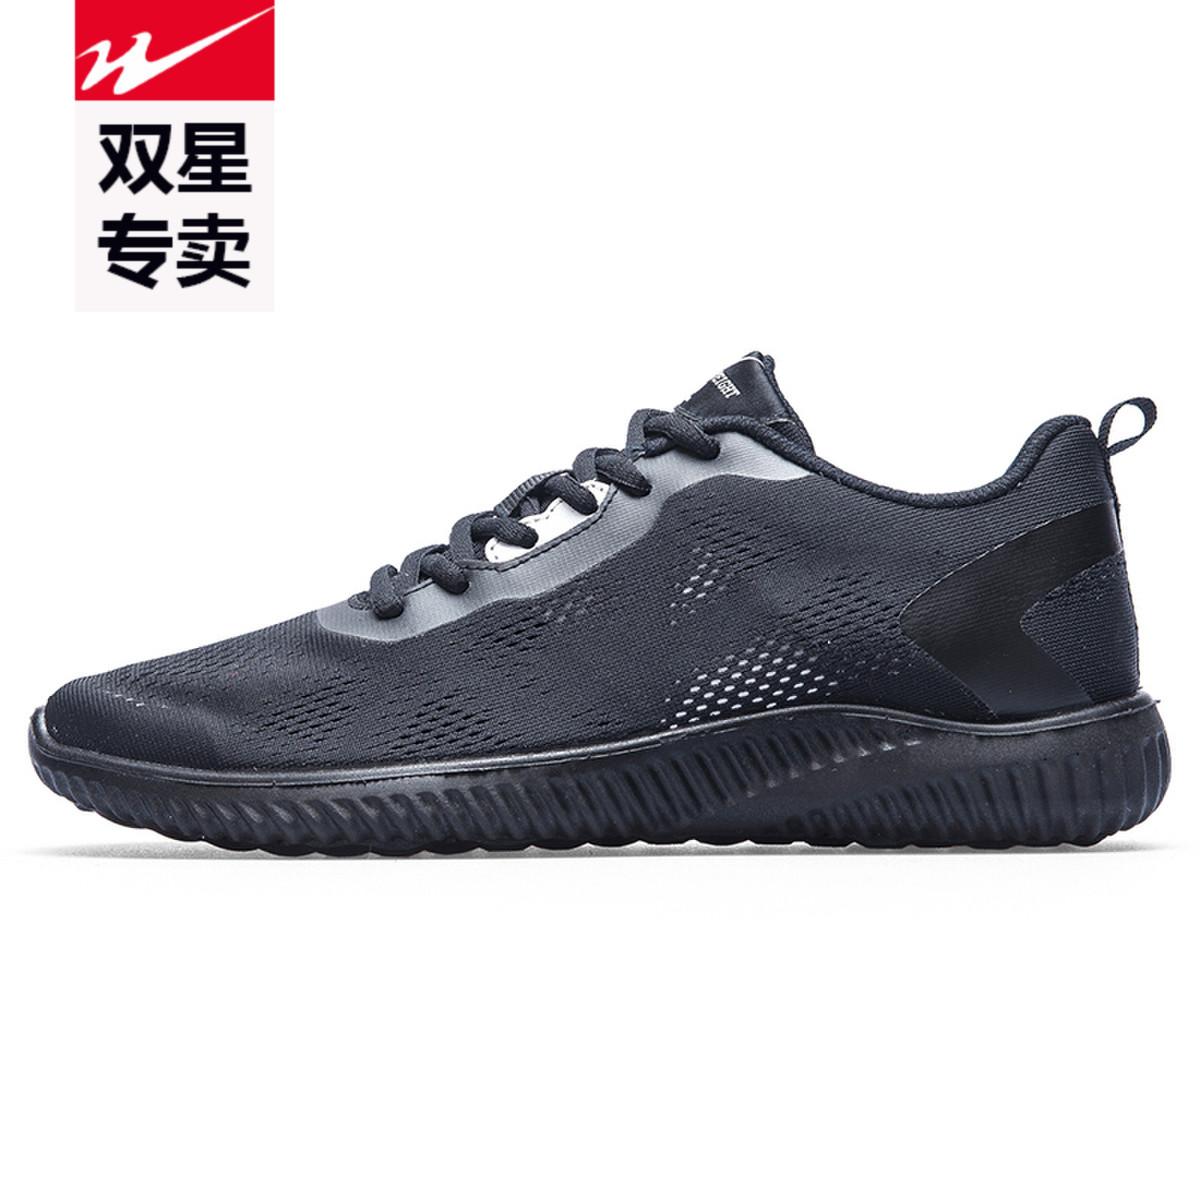 双星运动鞋男 夏季户外透气网面纯黑色鞋子轻便缓震学生慢跑鞋女